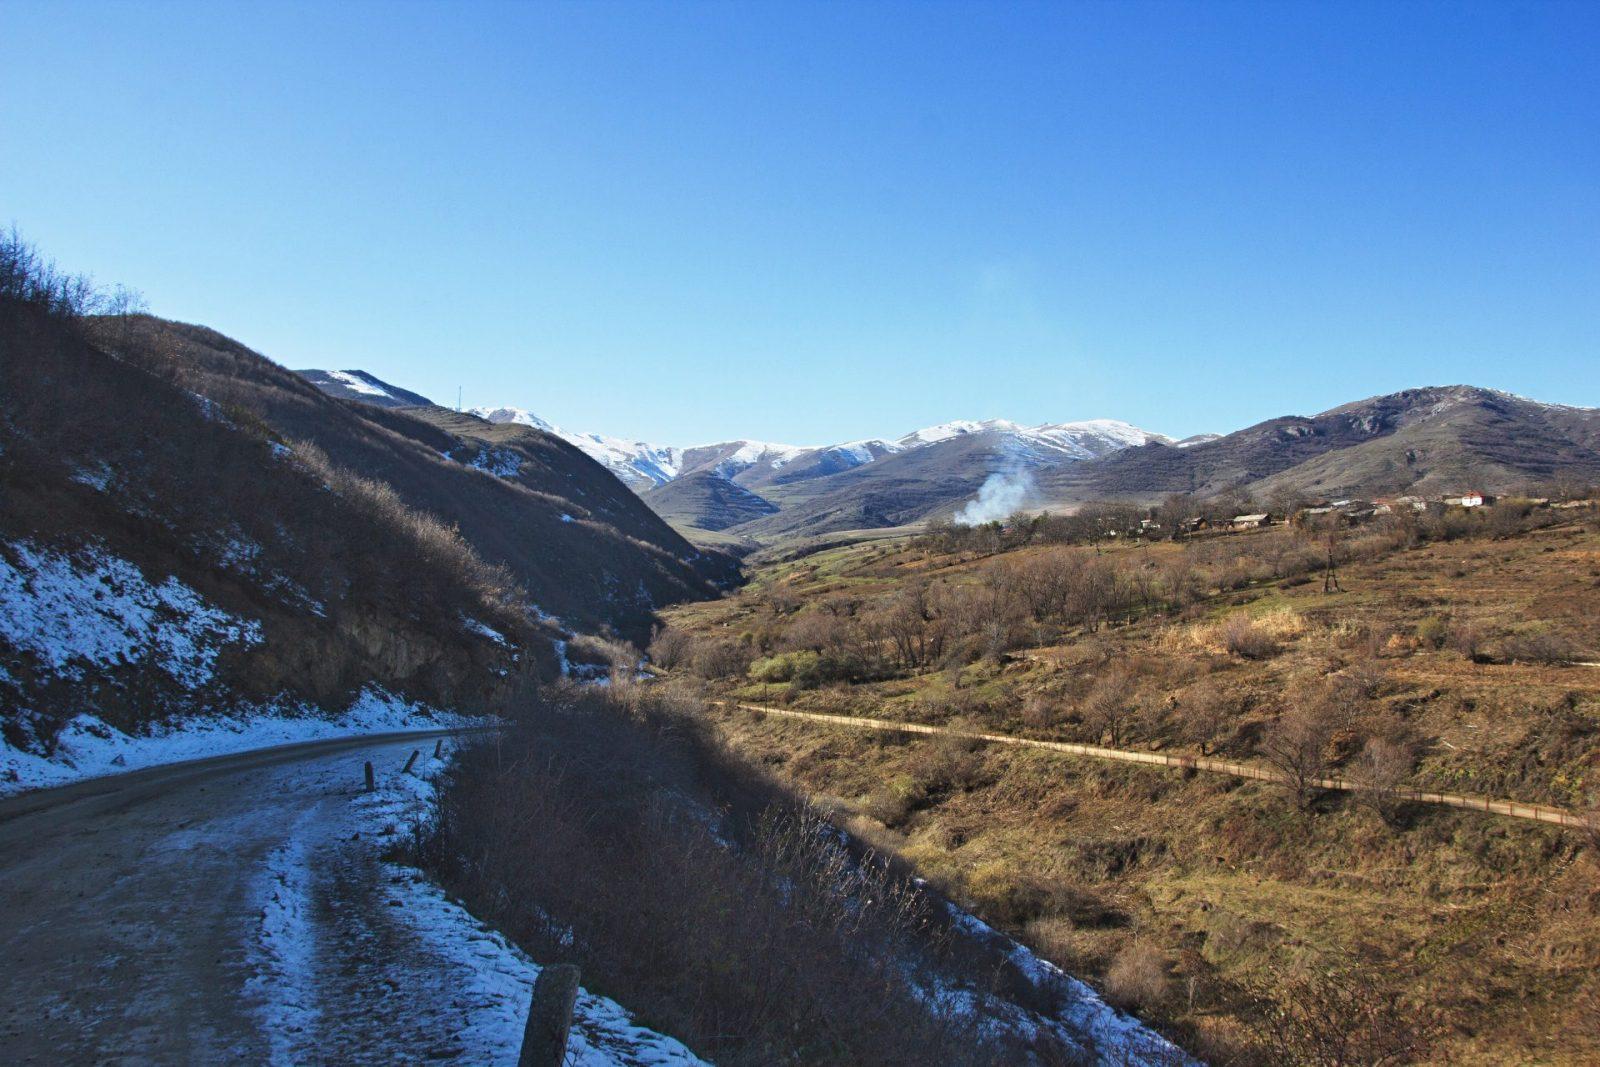 Z počátku cesty jsme hlavně utíkali před přicházející zimou, ale ta nám byla v patách (Arménie)